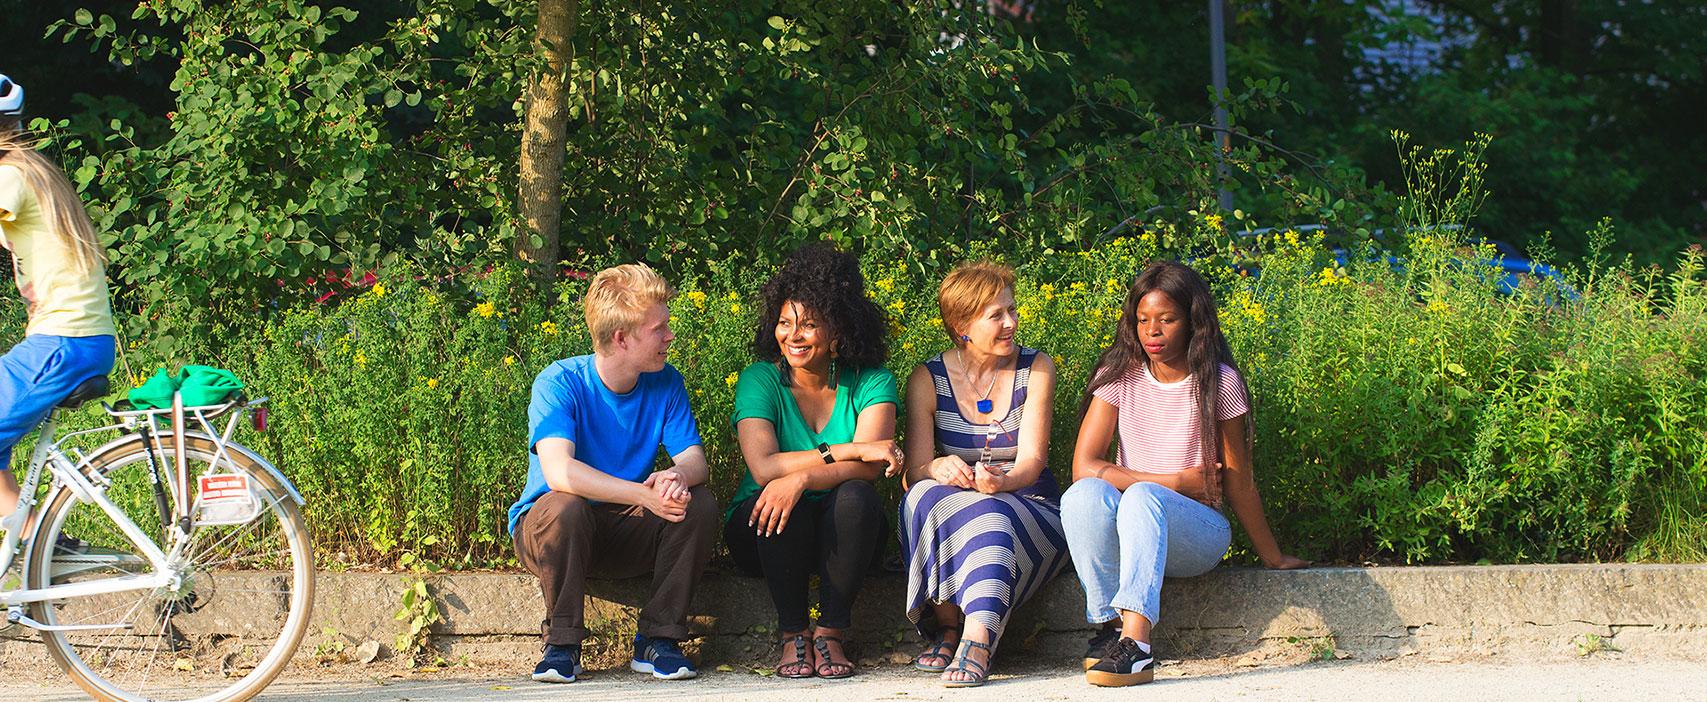 <h2>Ontmoeten & verbinden</h2><div>We stimuleren positief samenleven in alle diversiteit. We pakken de uitdagingen op dit vlak aan en zetten in op een positief beleid om elkaar te leren kennen. We hebben daarbij extra aandacht voor wie uit de boot dr